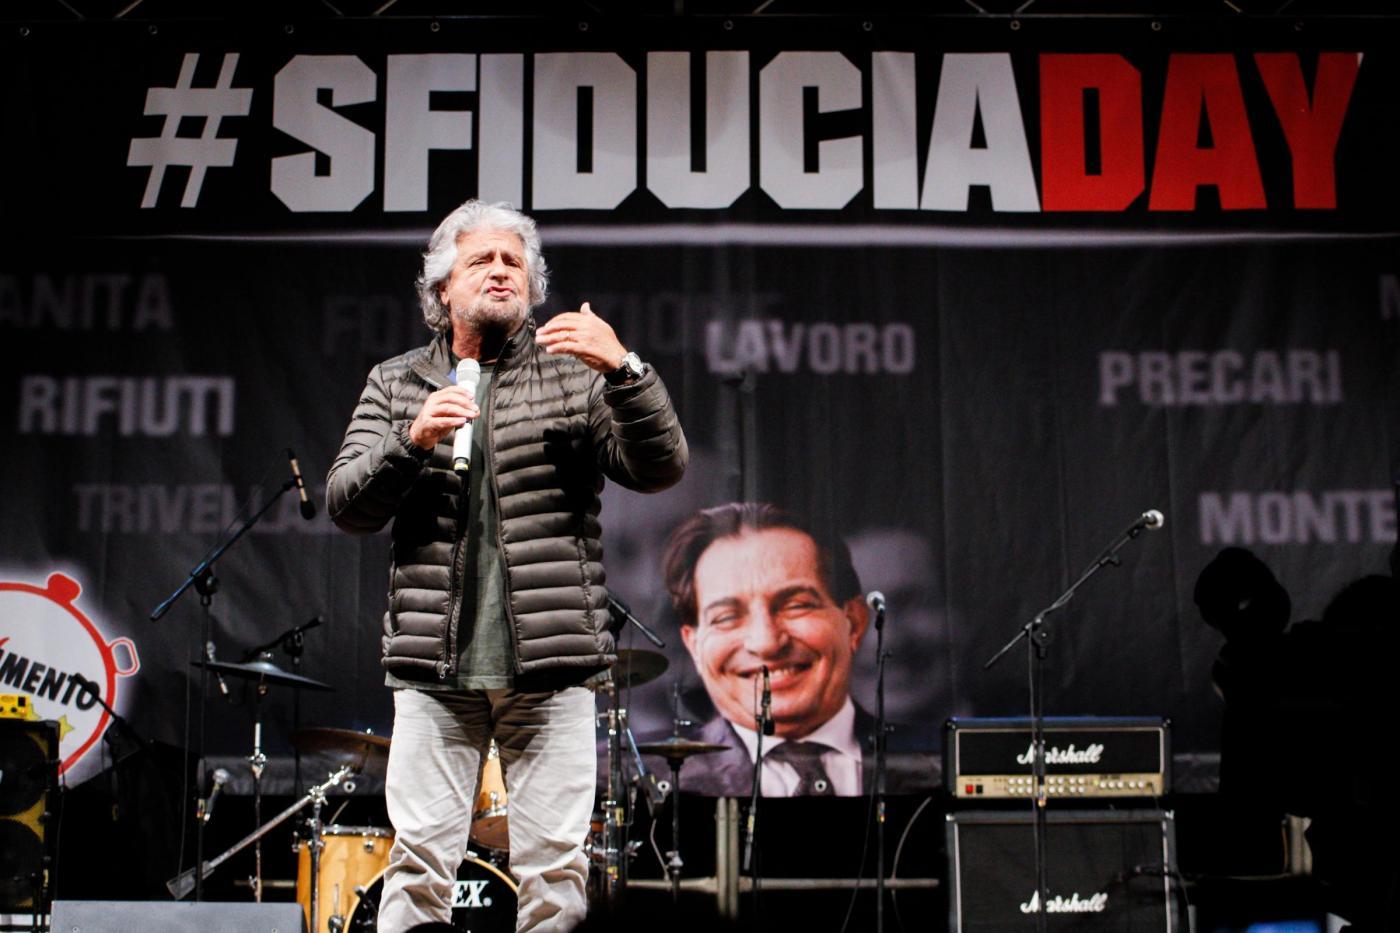 'Sfiducia Day' contro Crocetta a Palermo